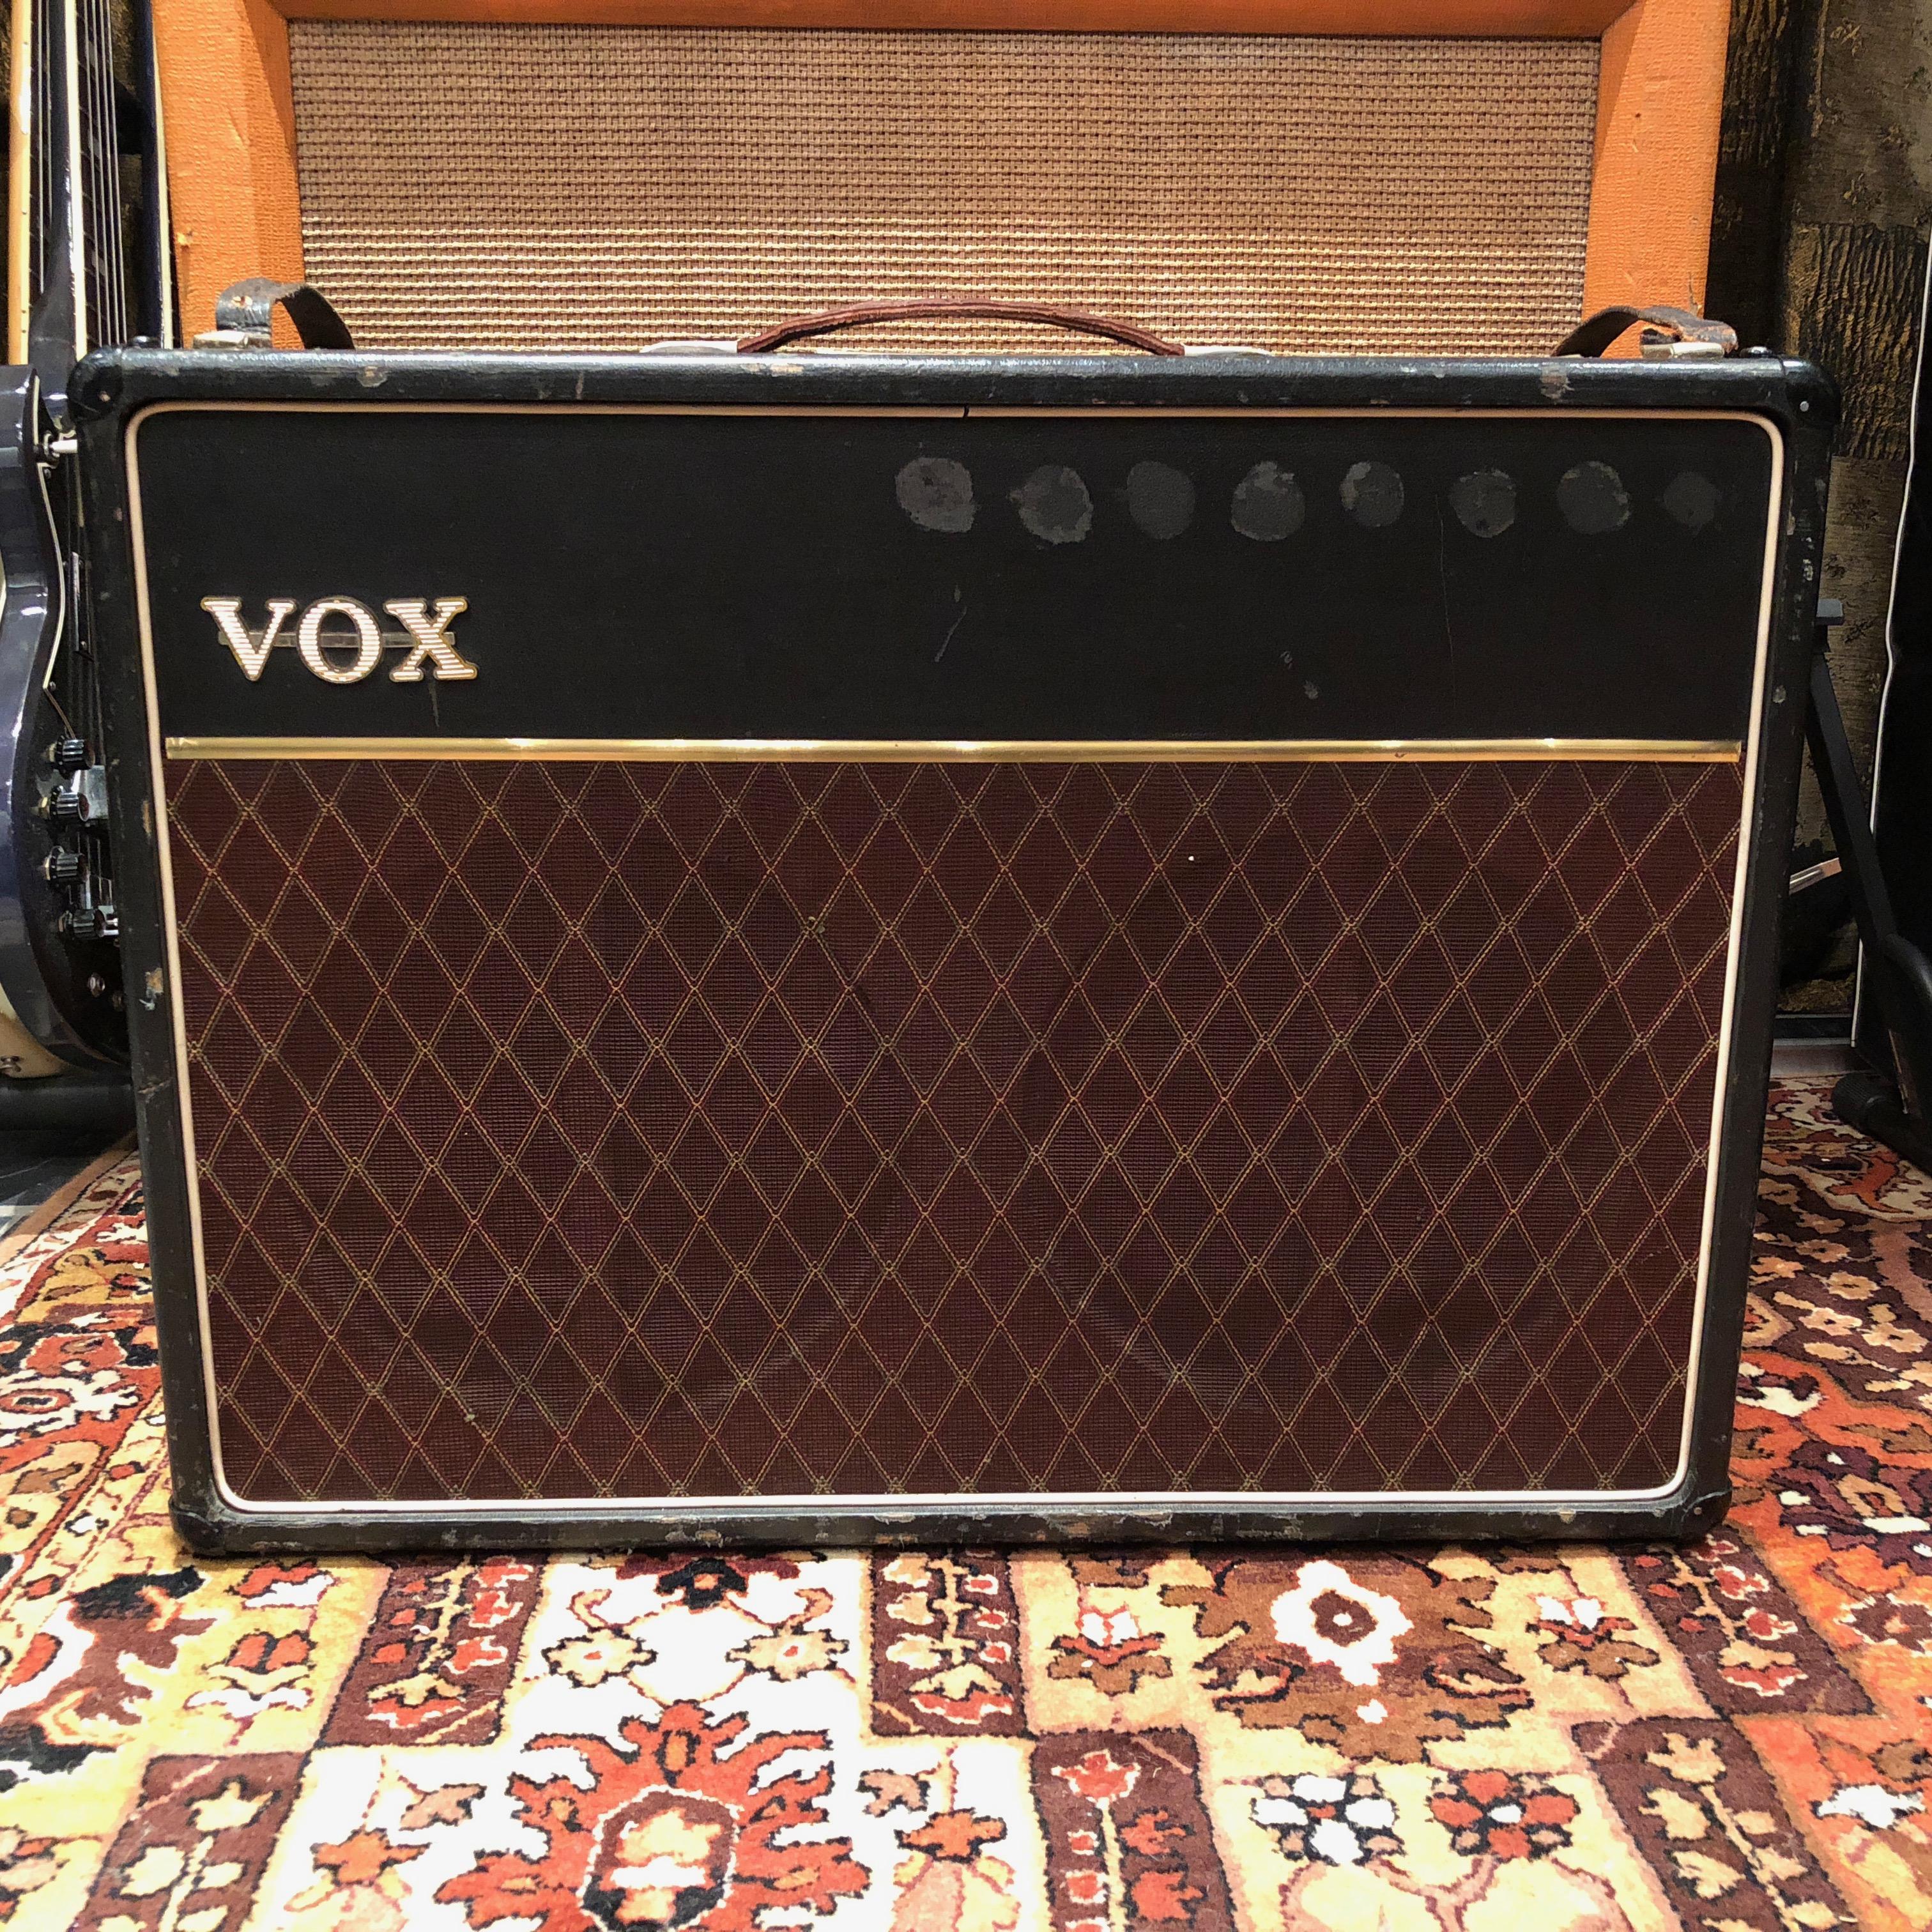 Vintage 1963 Vox AC30 2x12 Blues JMI Copper Top Amplifier